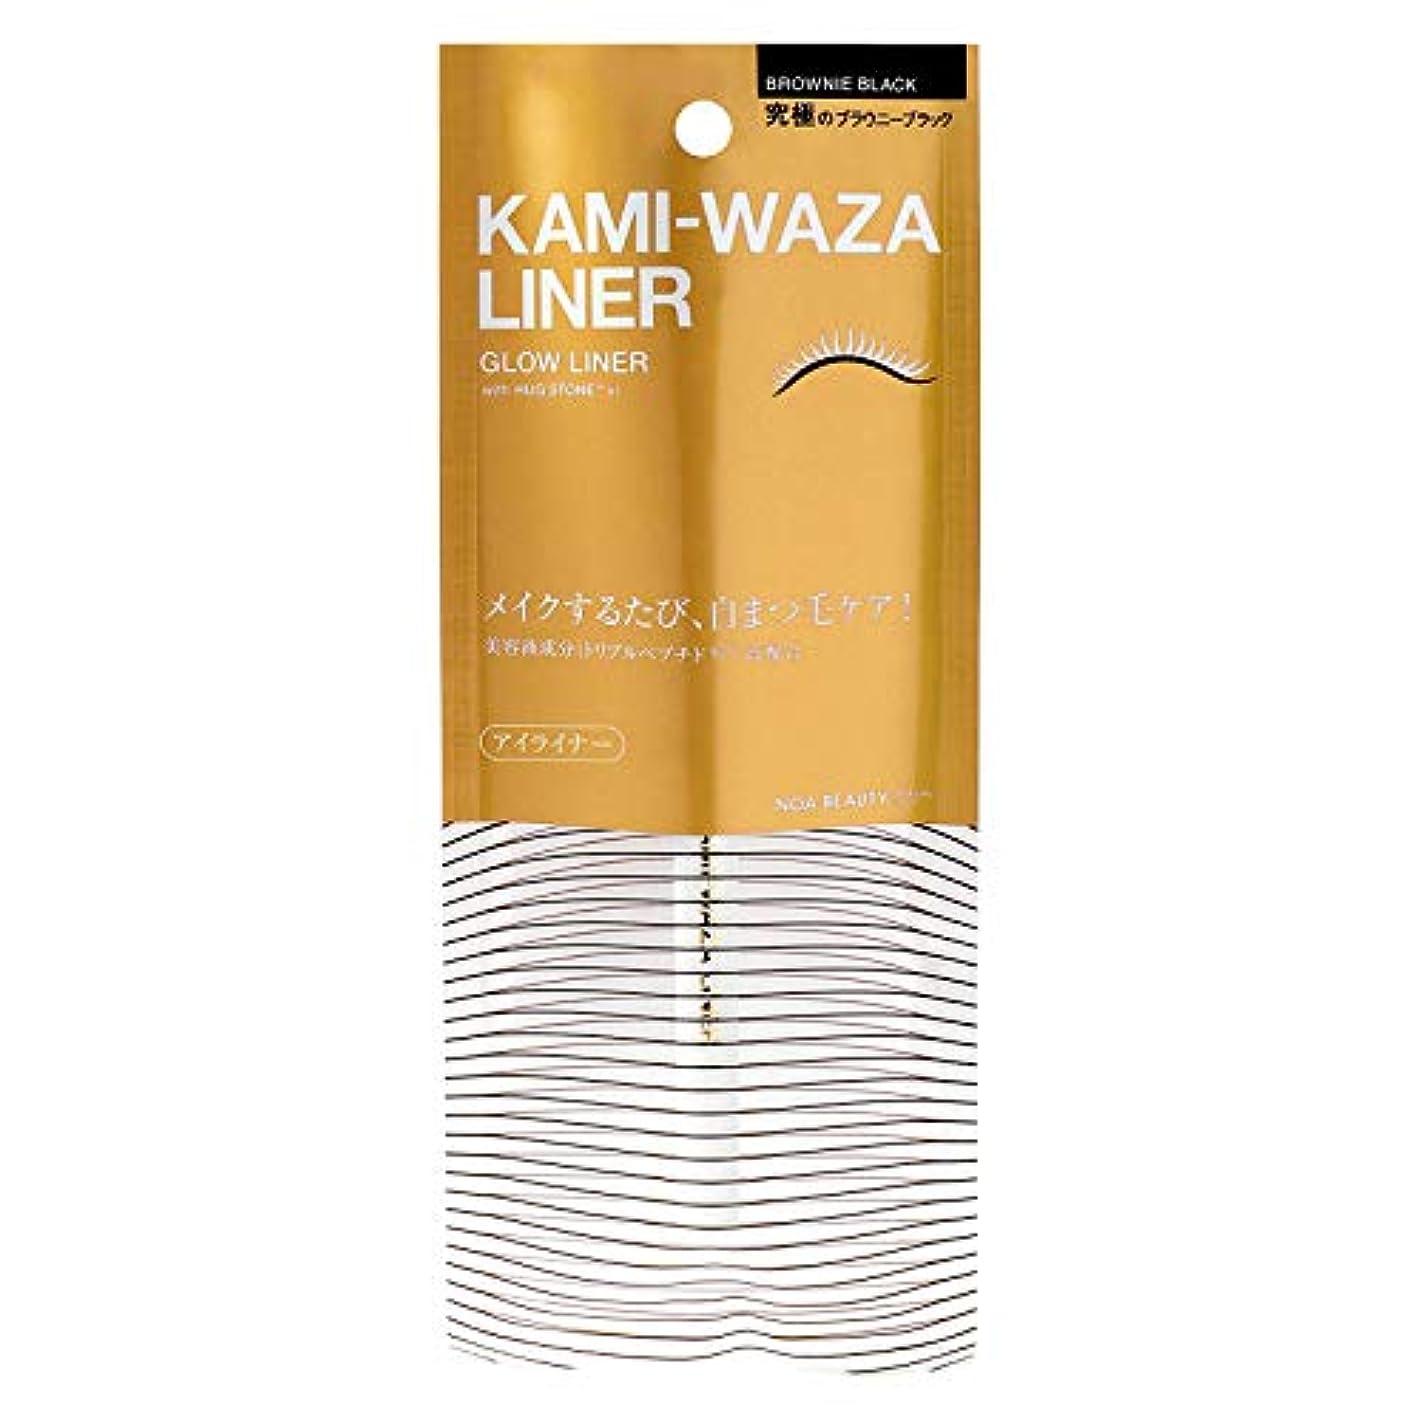 アリ女王大胆KAMI-WAZA(カミワザ) LINER 〈美容ライナー〉 KWL01 (0.5mL)